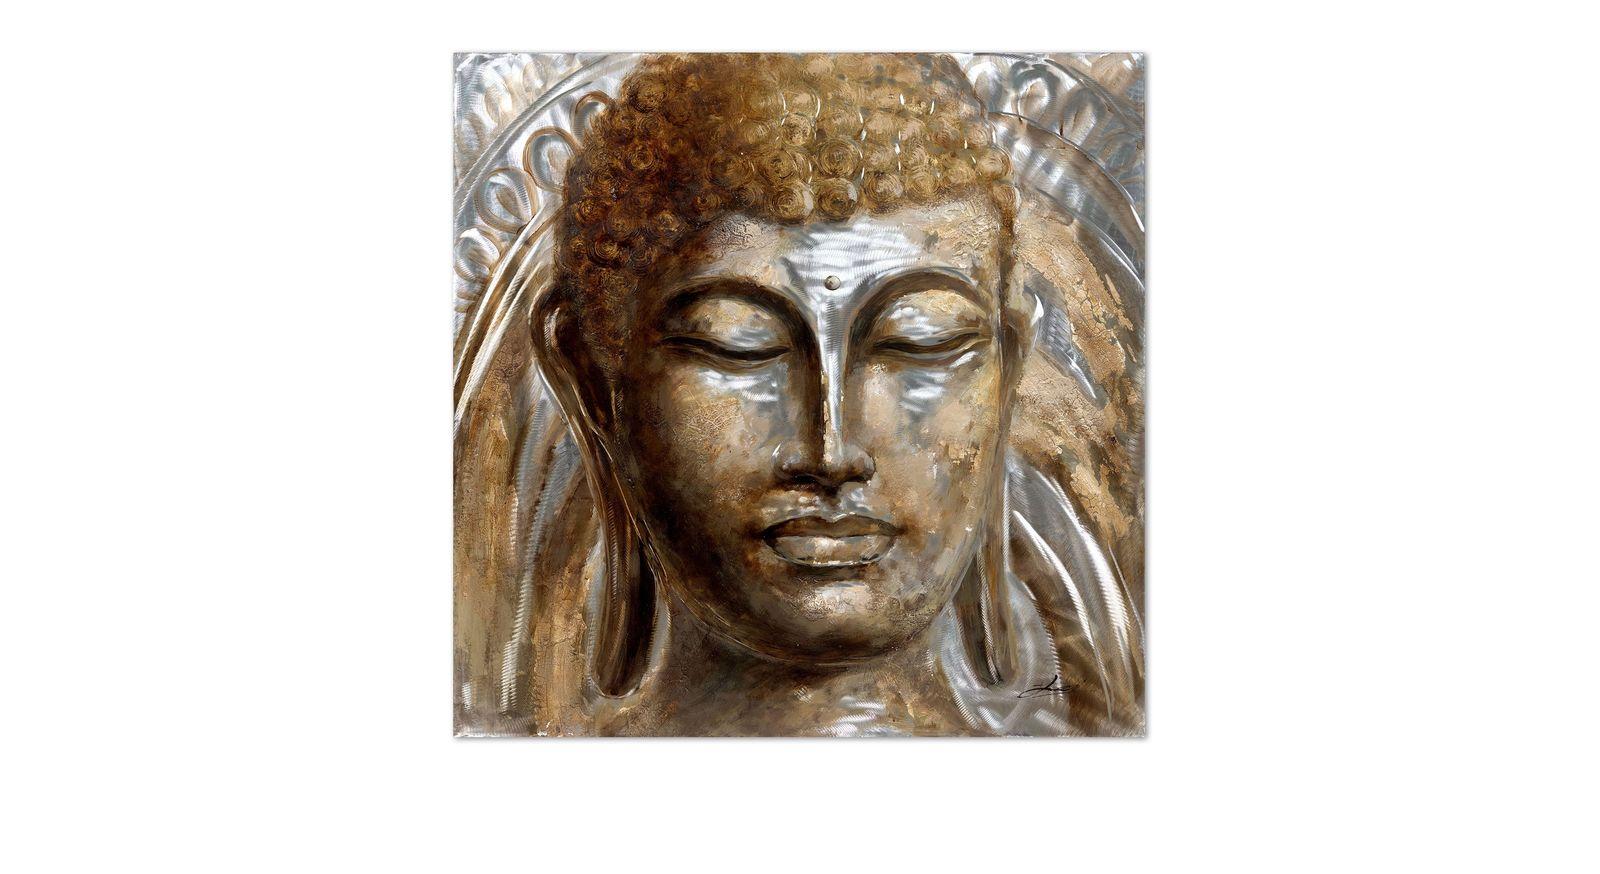 Hochwertiges Wandbild Buddha in extravagantem Design